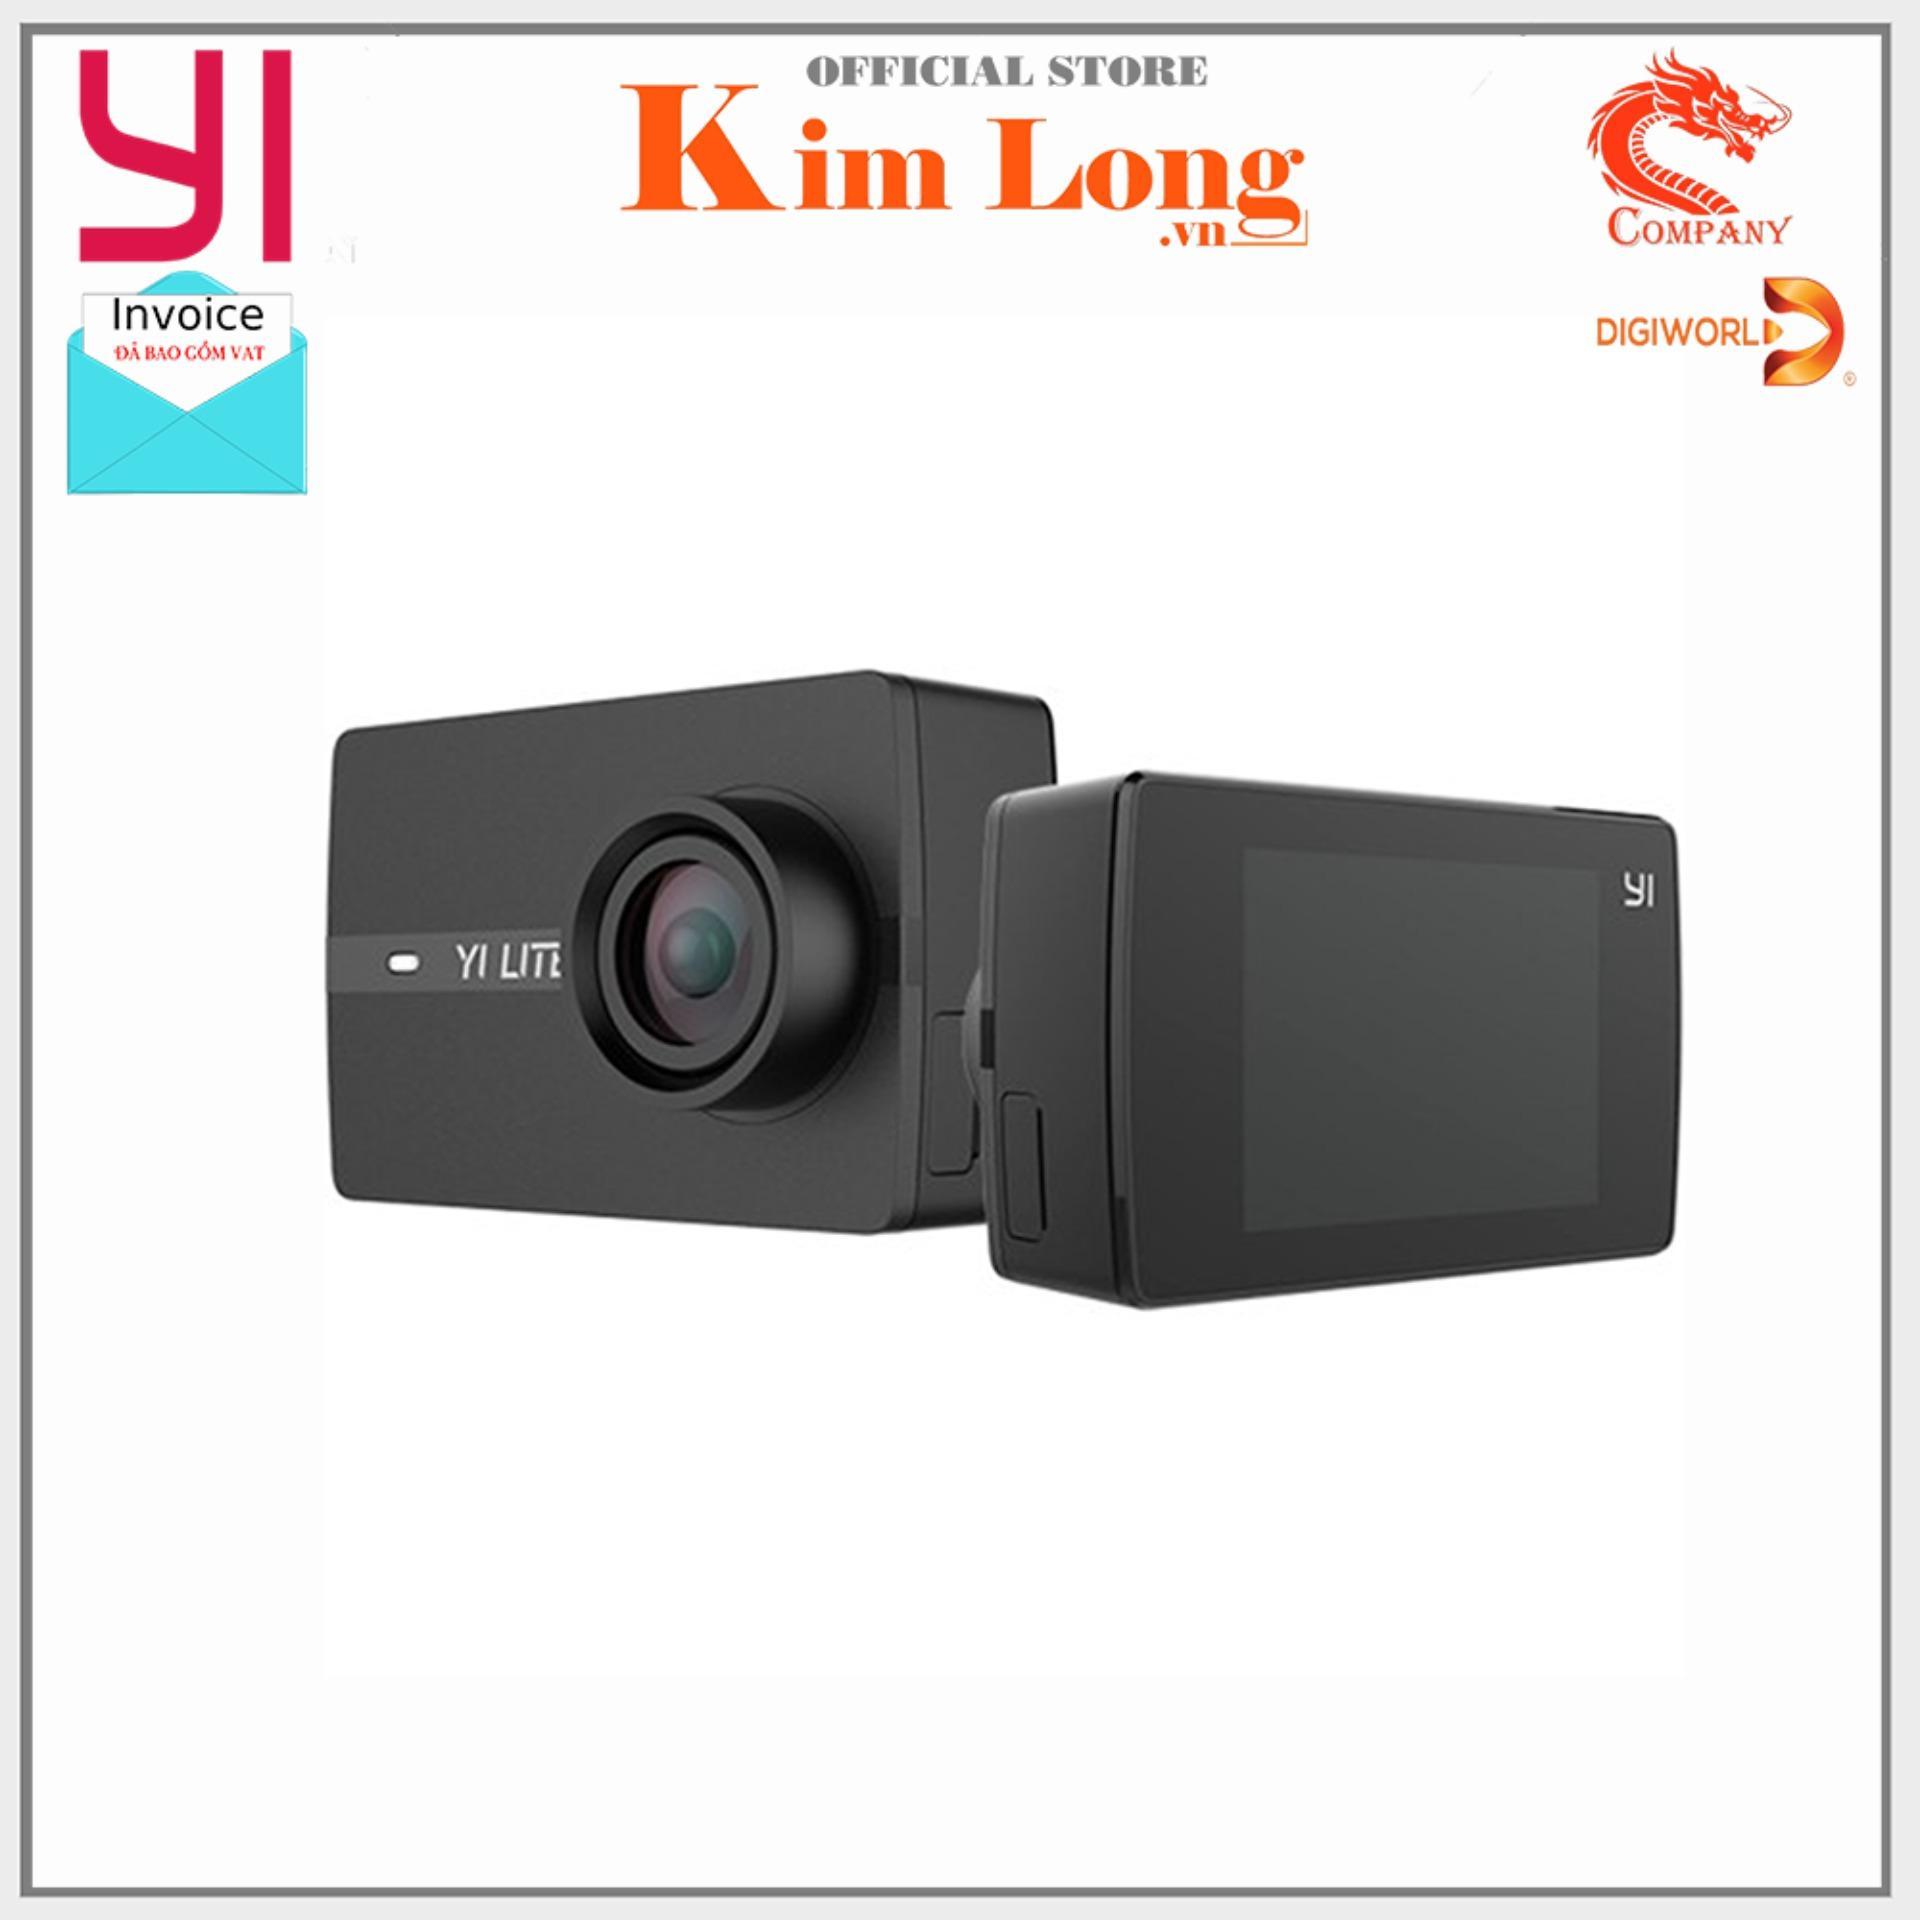 Camera hành động Yi Action 4K Lite J11 Bản quốc tế - Hàng Digiworld - Bảo hành 12 tháng